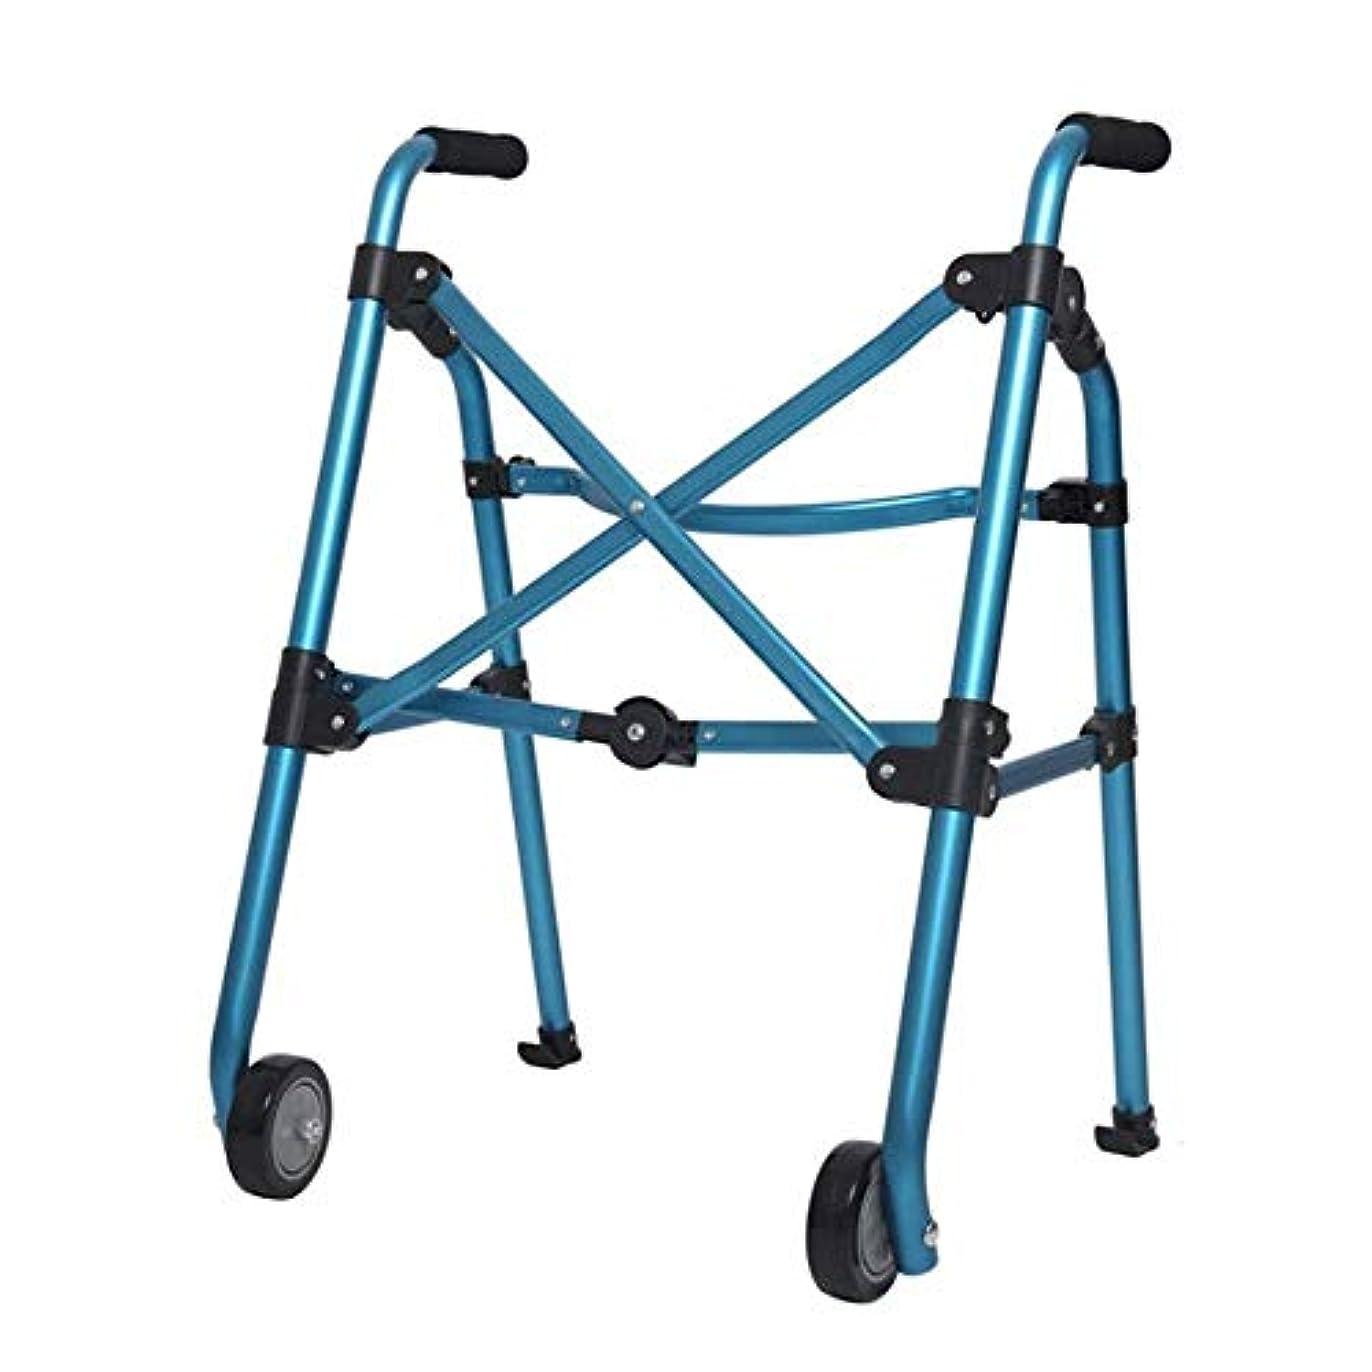 適応シェア興奮二輪歩行フレーム、折りたたみ式古い歩行者高齢者屋外バスルーム使用 (Color : 青)